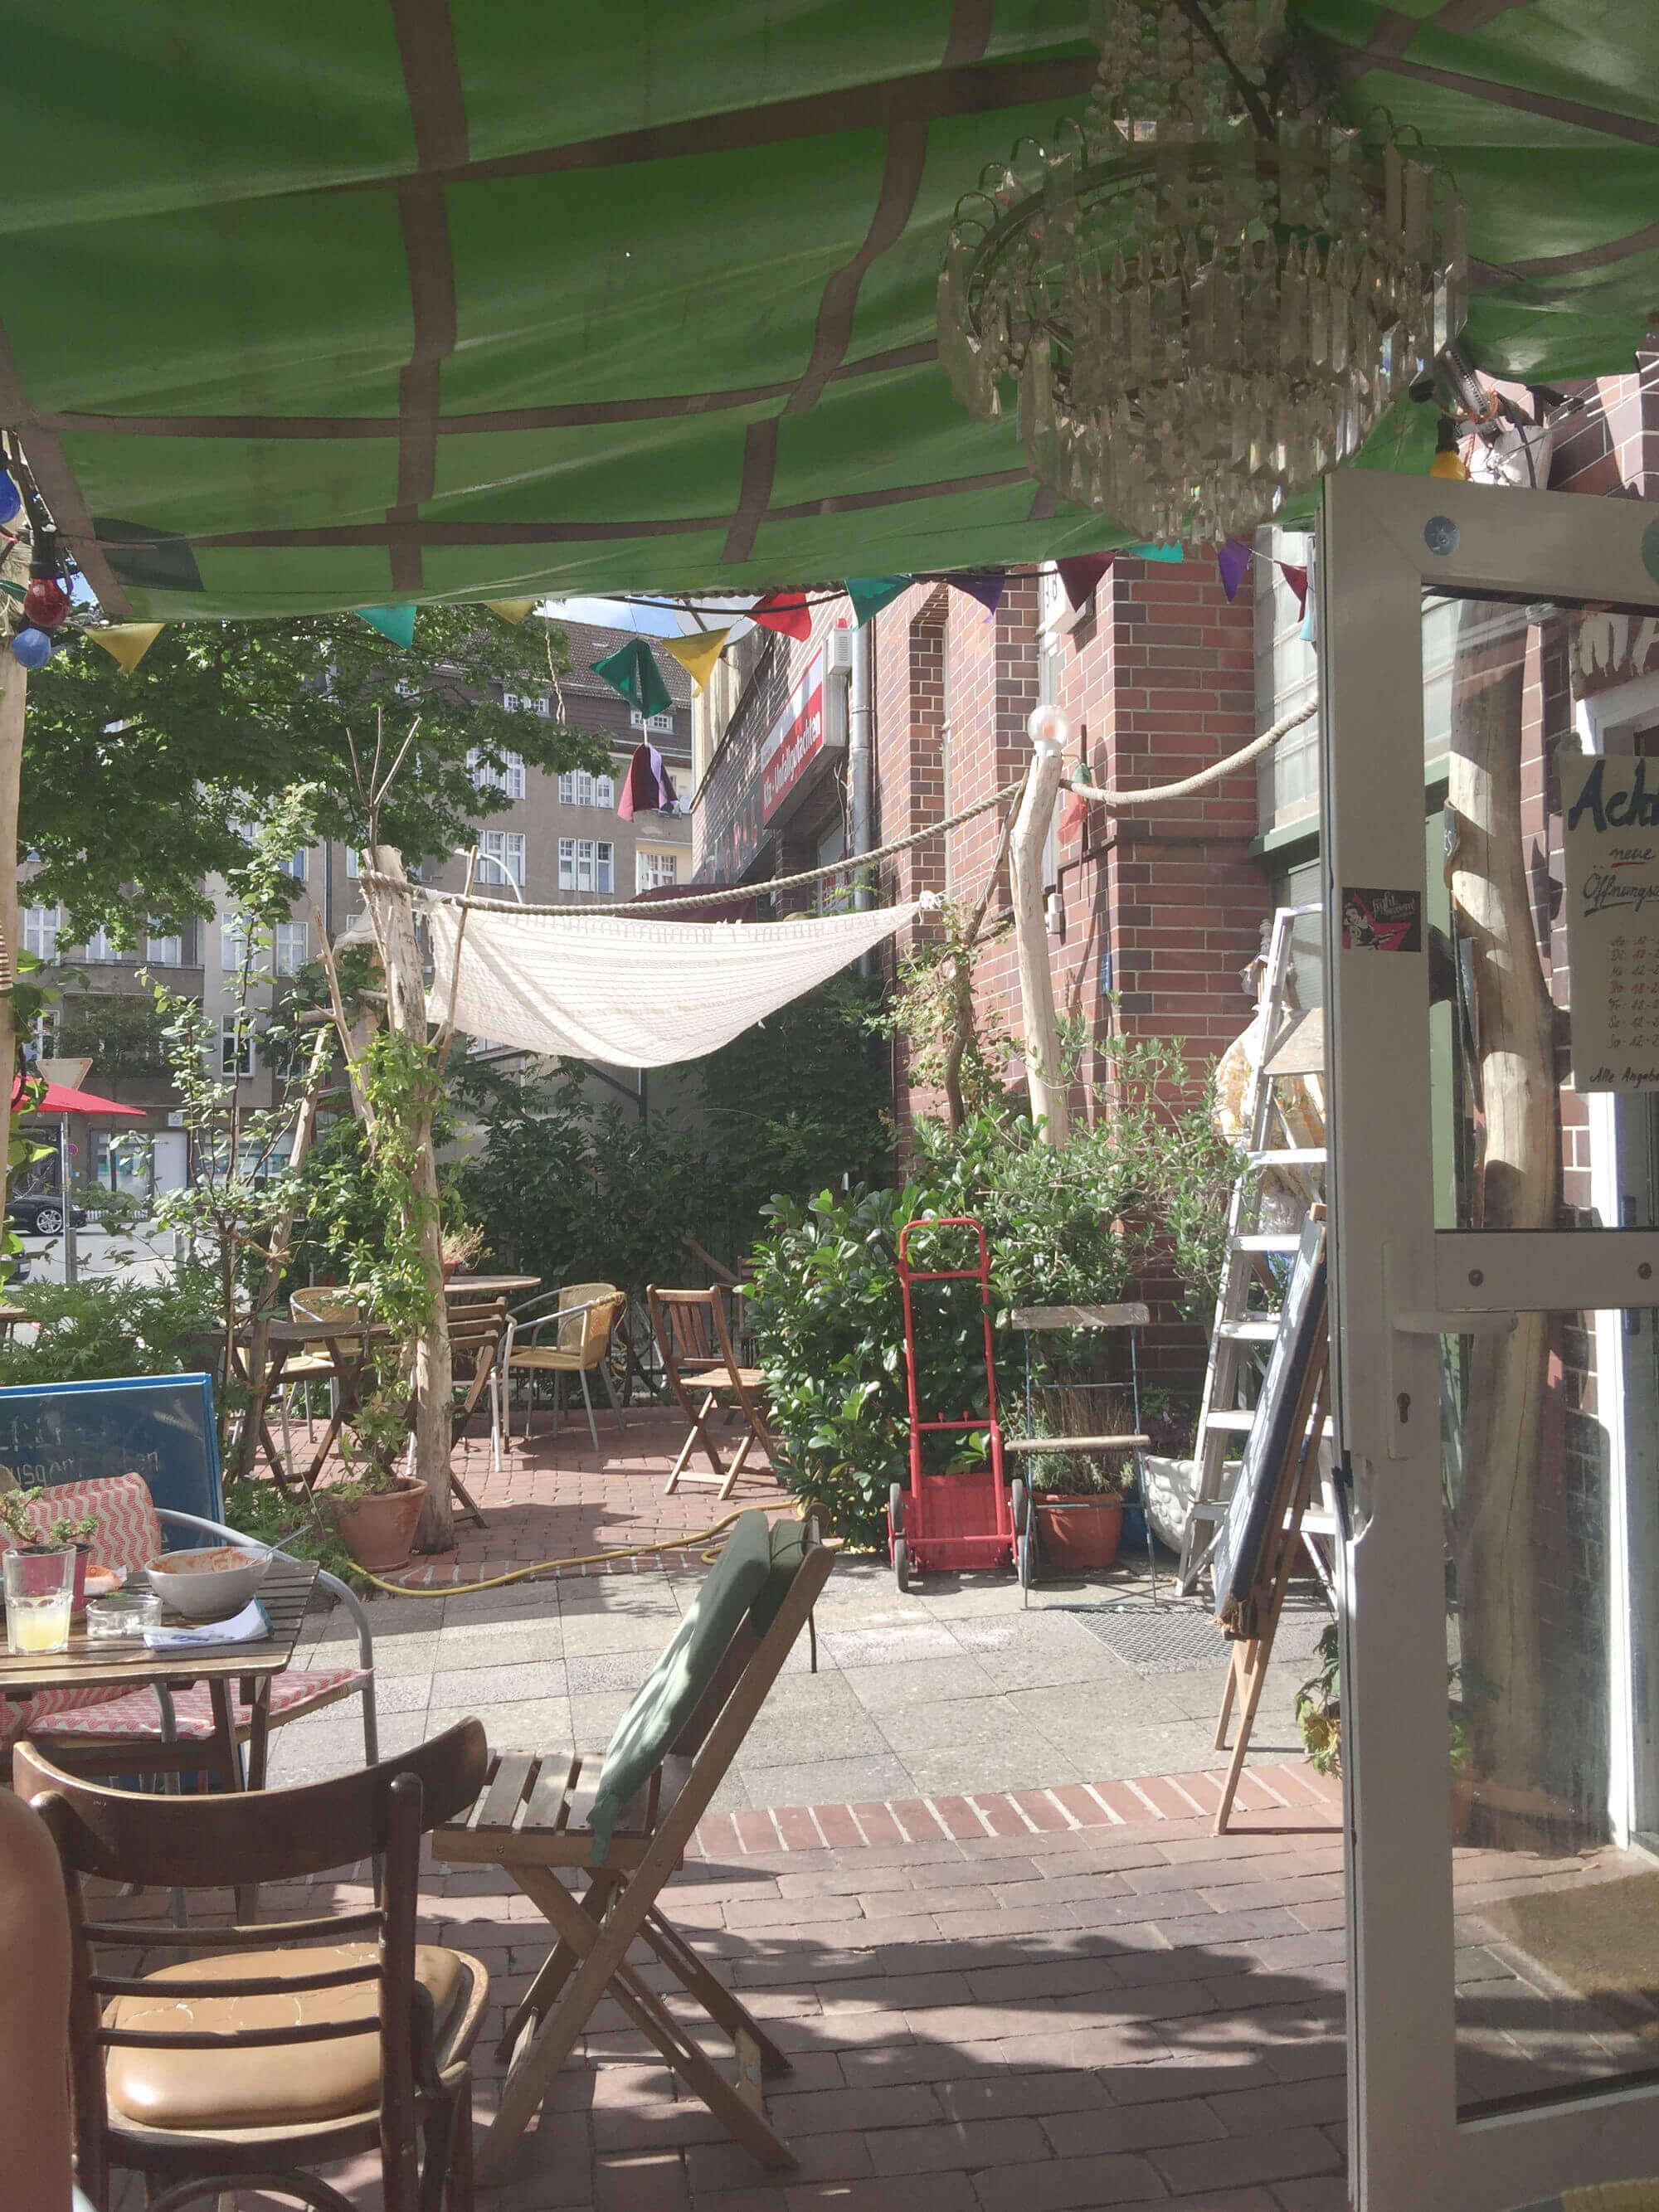 Blick auf die Außenterrasse des Galettes-Lokals Malör in Berlin-Wedding